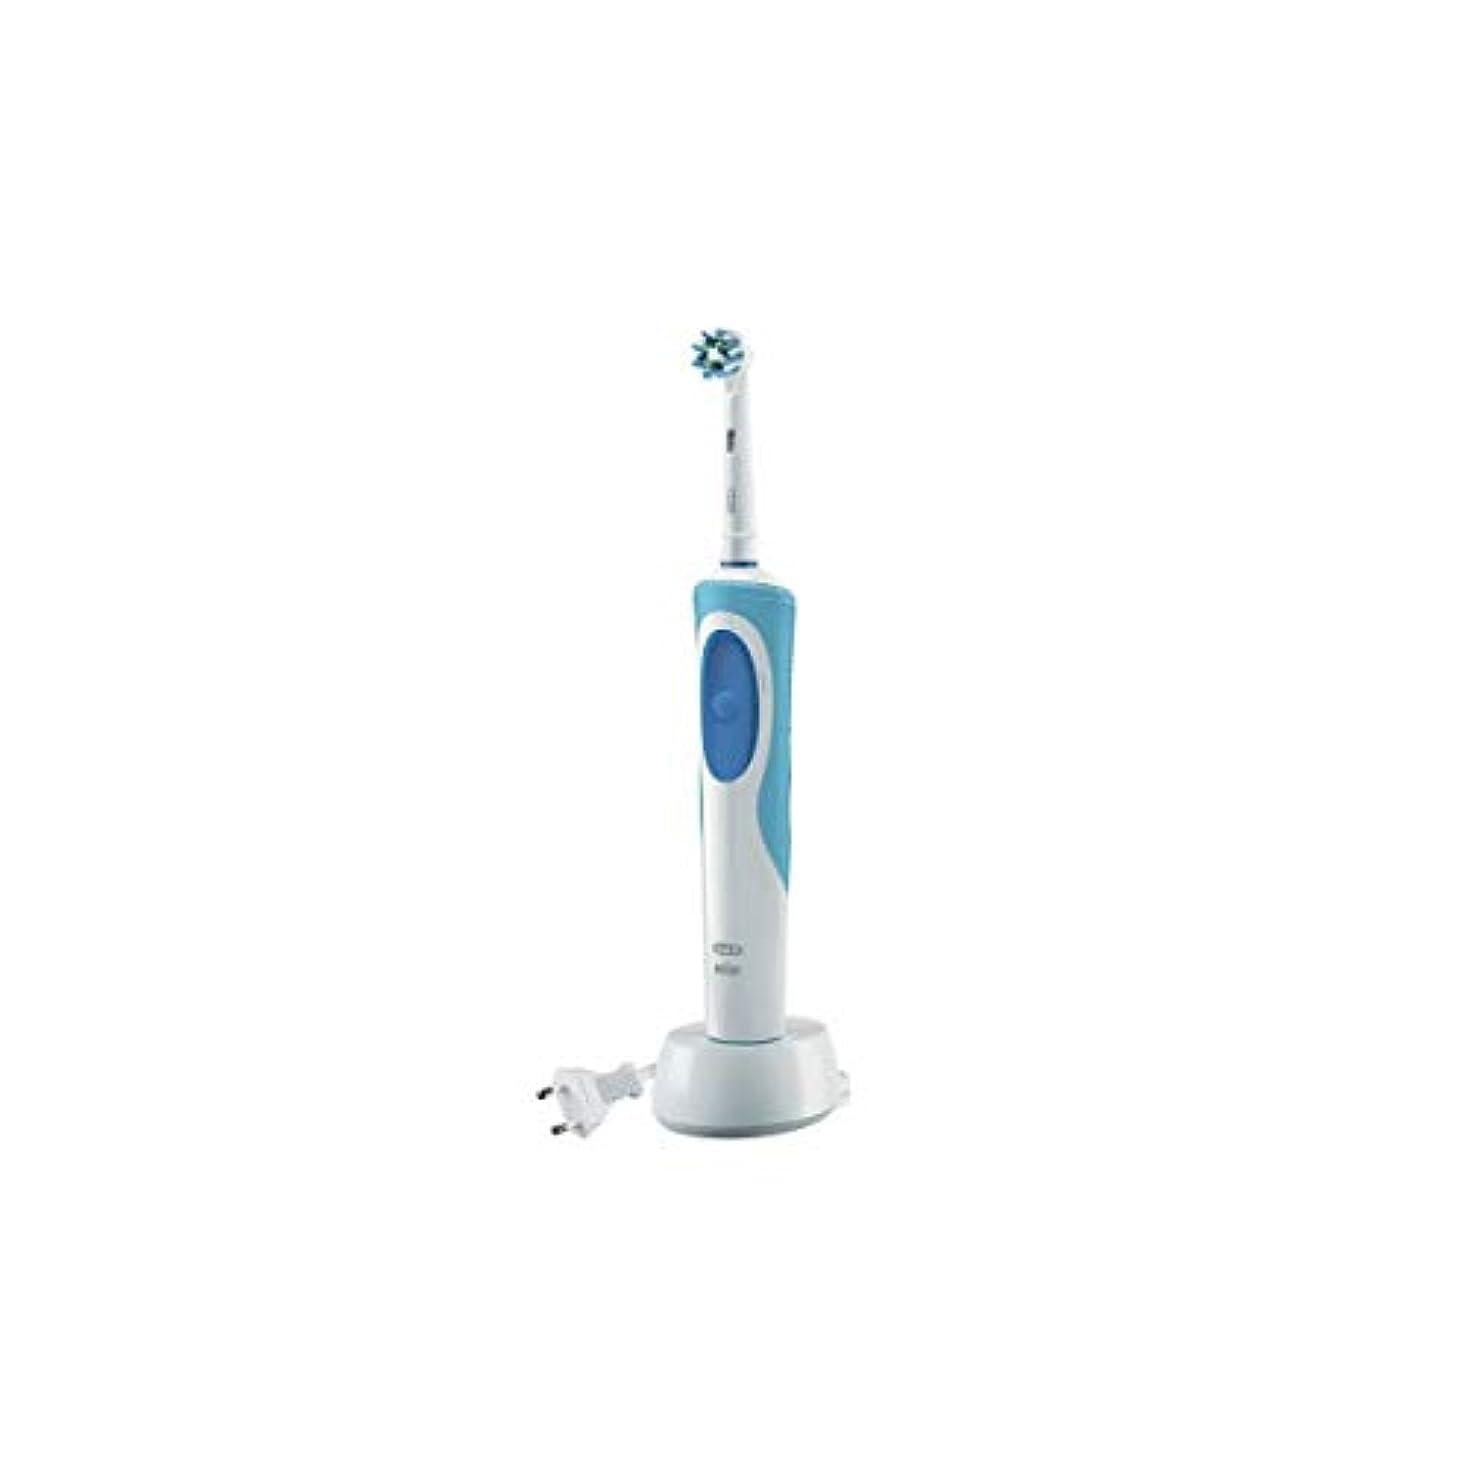 ネット圧倒的鹿Oral B Vitality Cross Action Electric Toothbrush [並行輸入品]